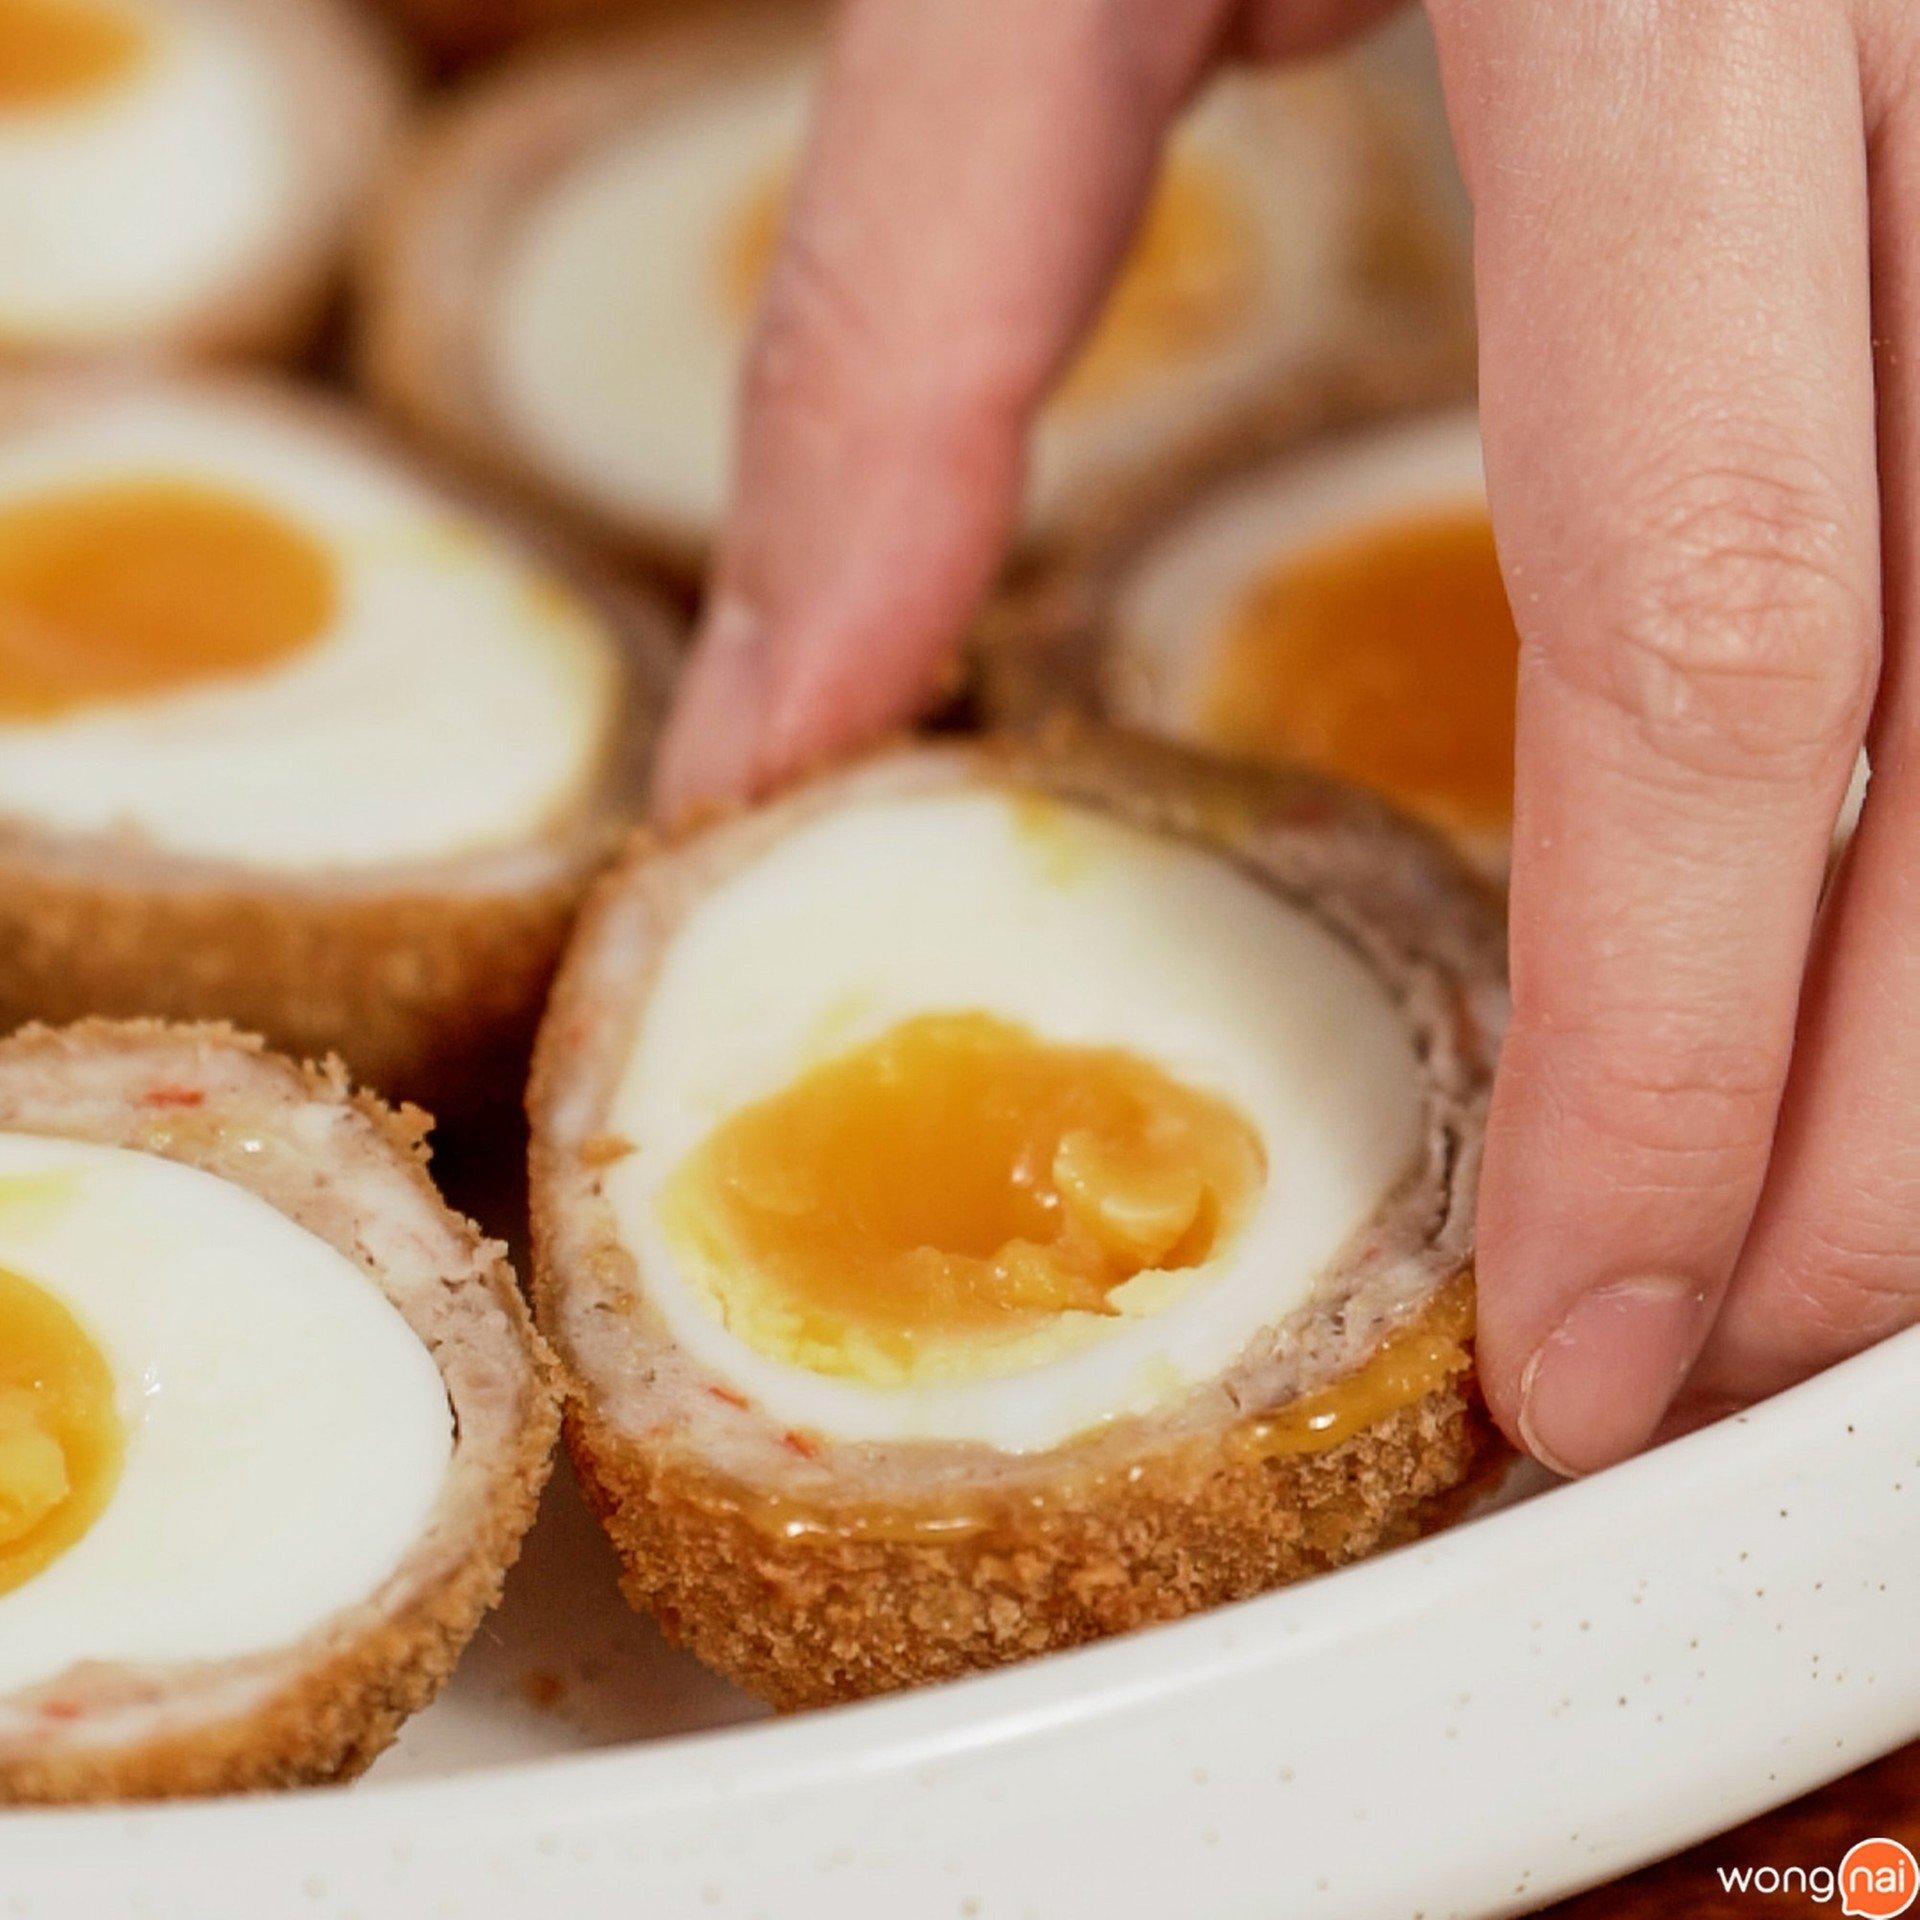 ไข่ลูกเขยฝรั่งยางมะตูม